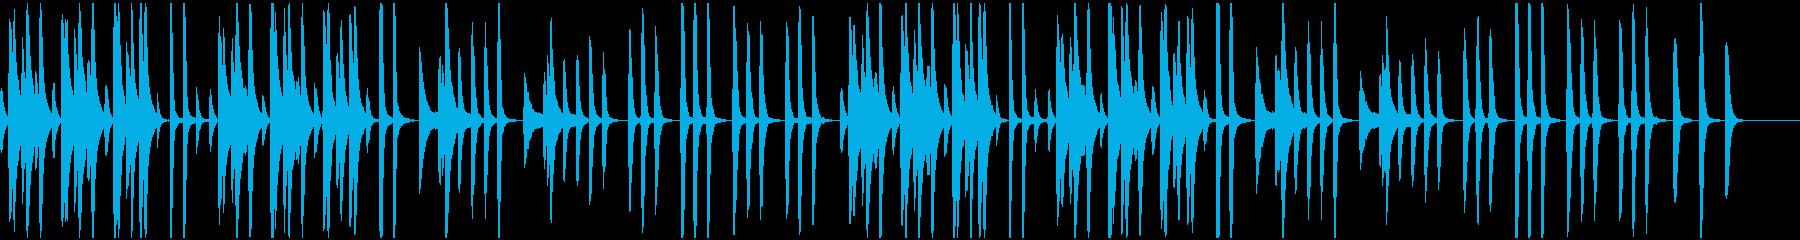 動物/ピアノ/まったりした日常BGMの再生済みの波形